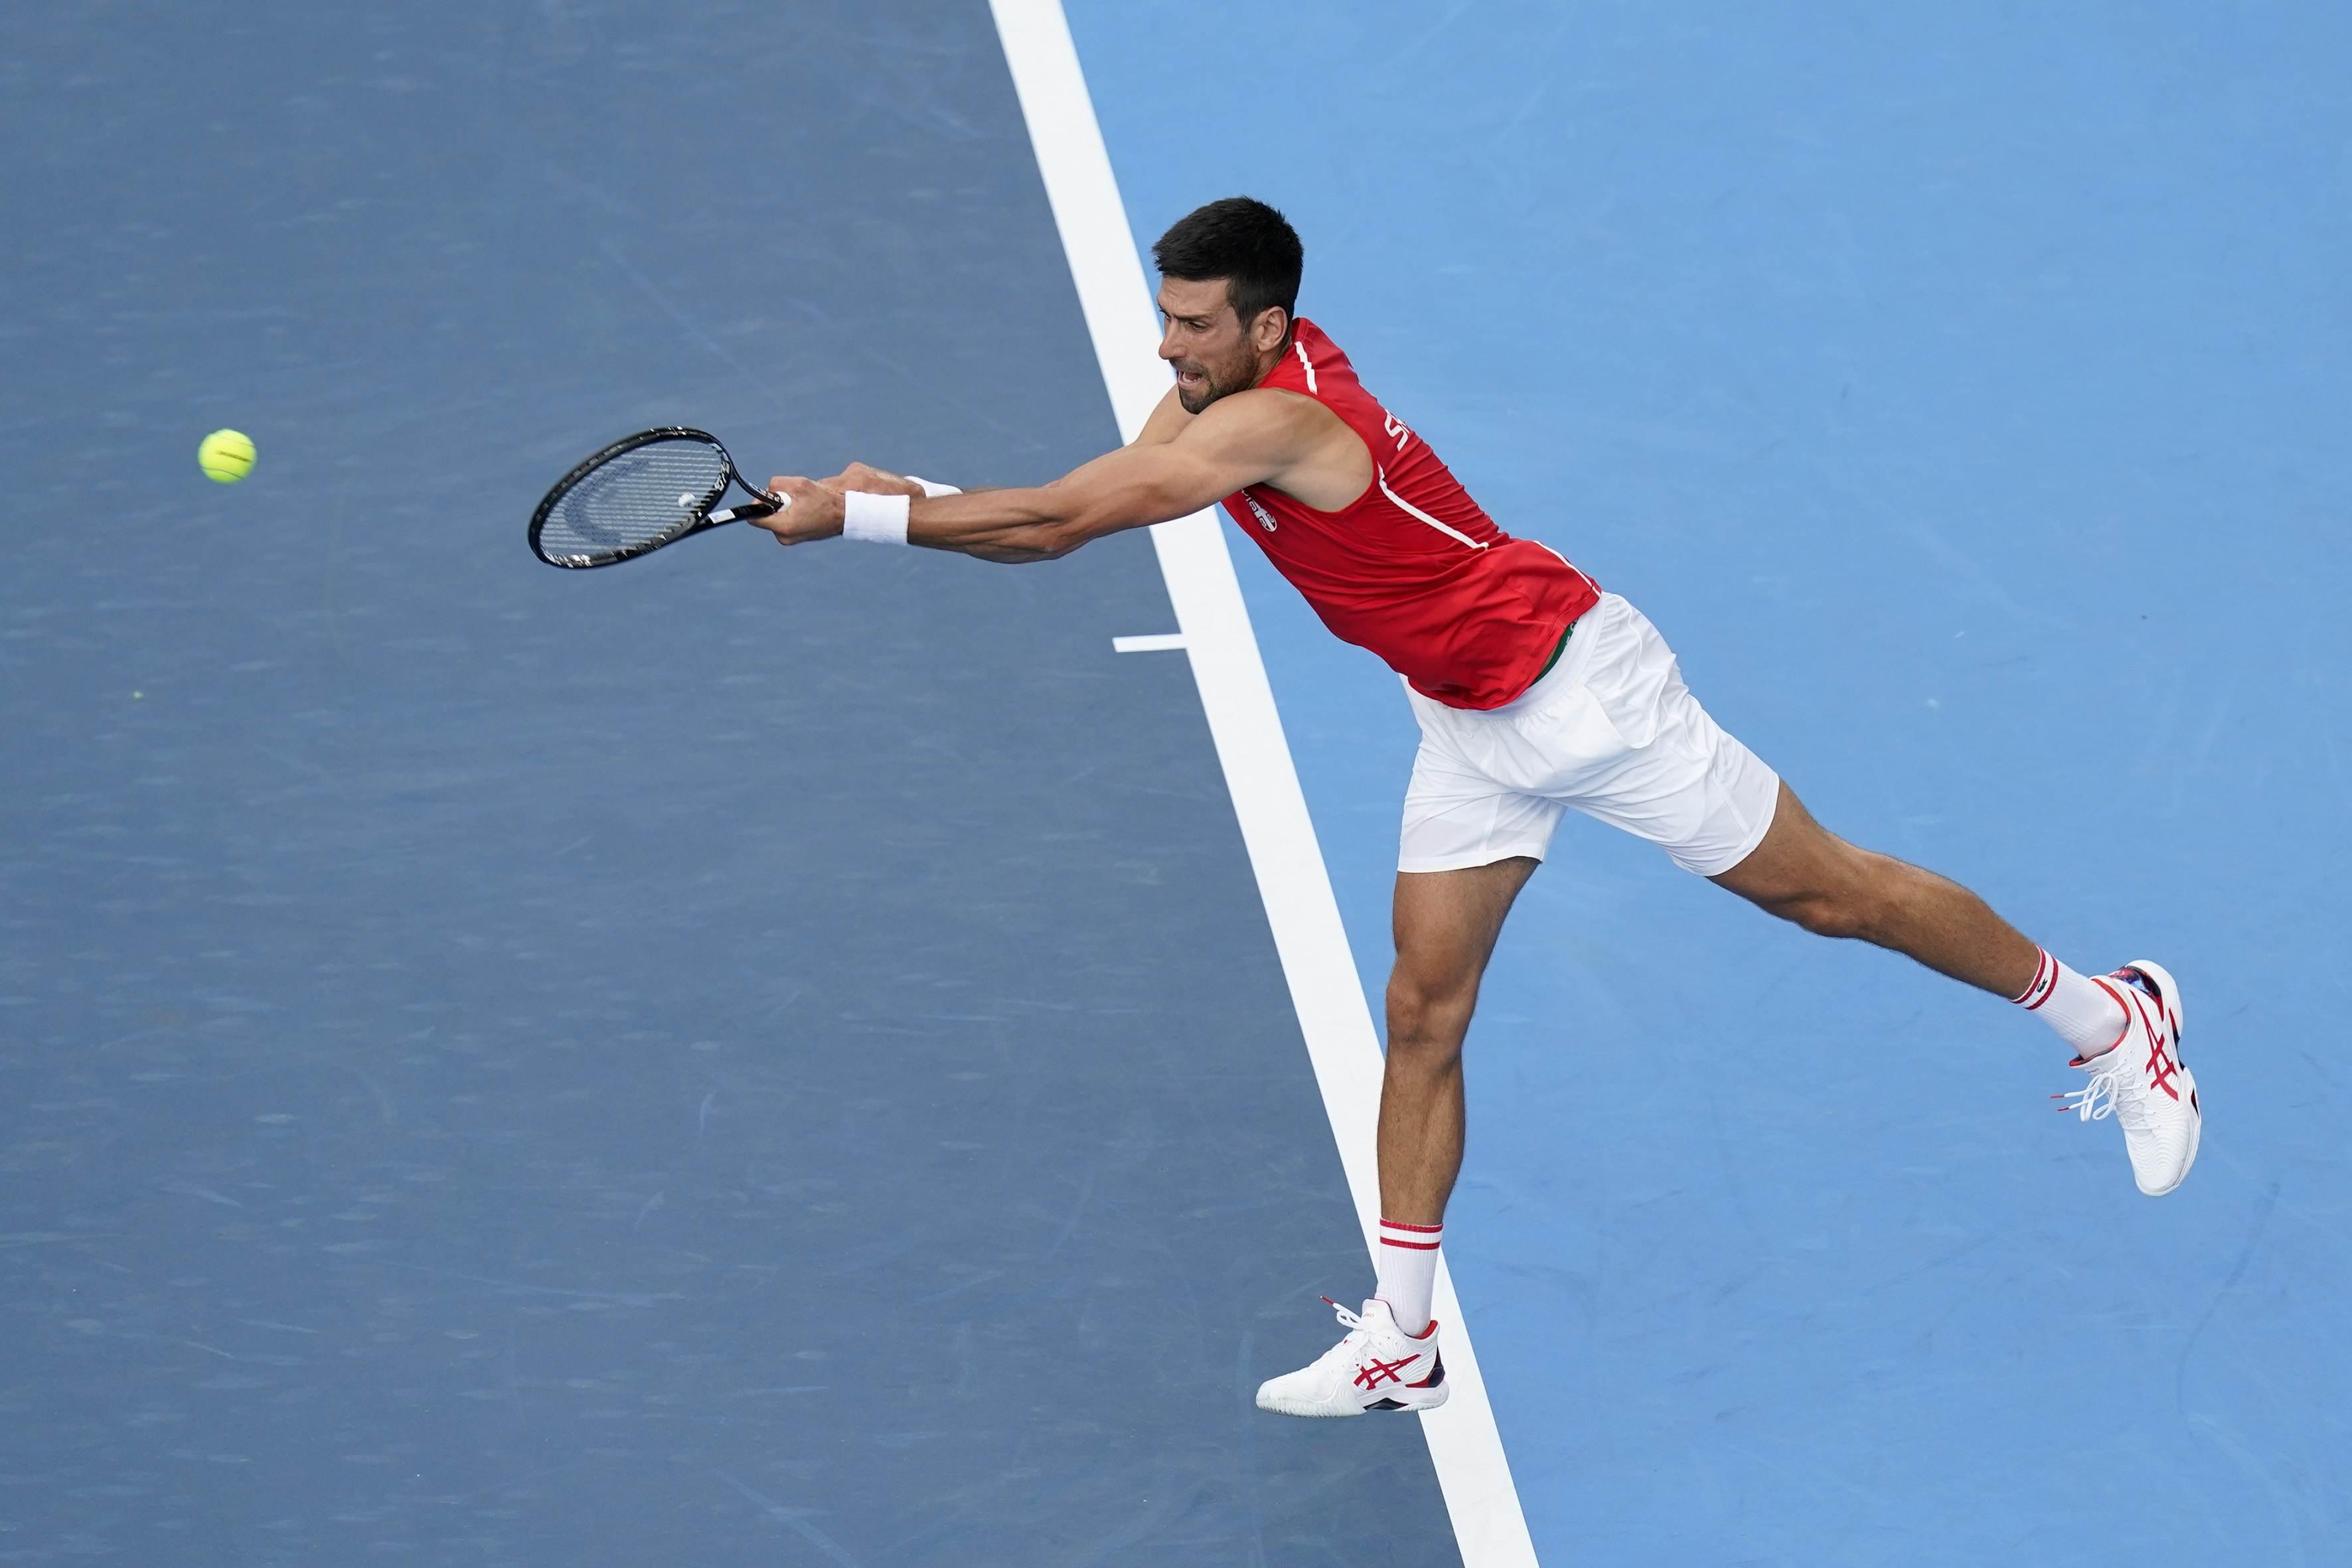 Novak Djokovic treina em Tóquio antes de sua estreia nos Jogos Olímpicos